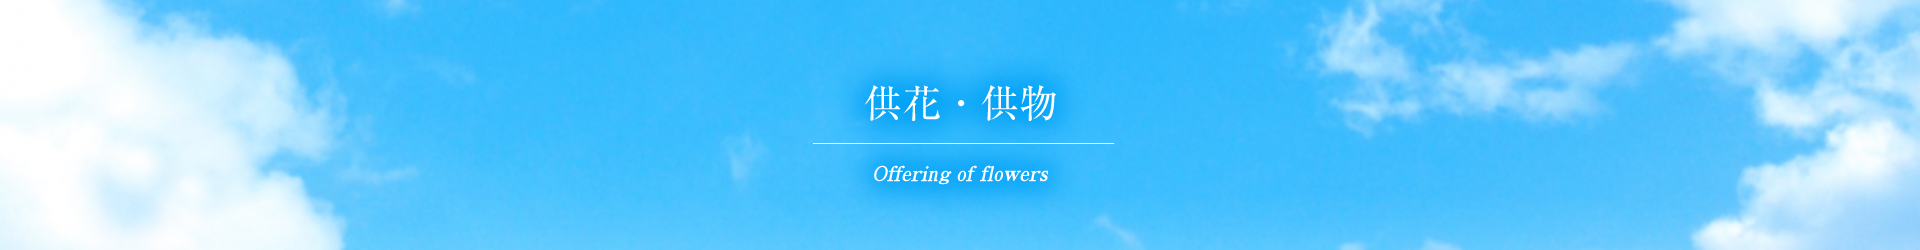 供花・供物のご案内